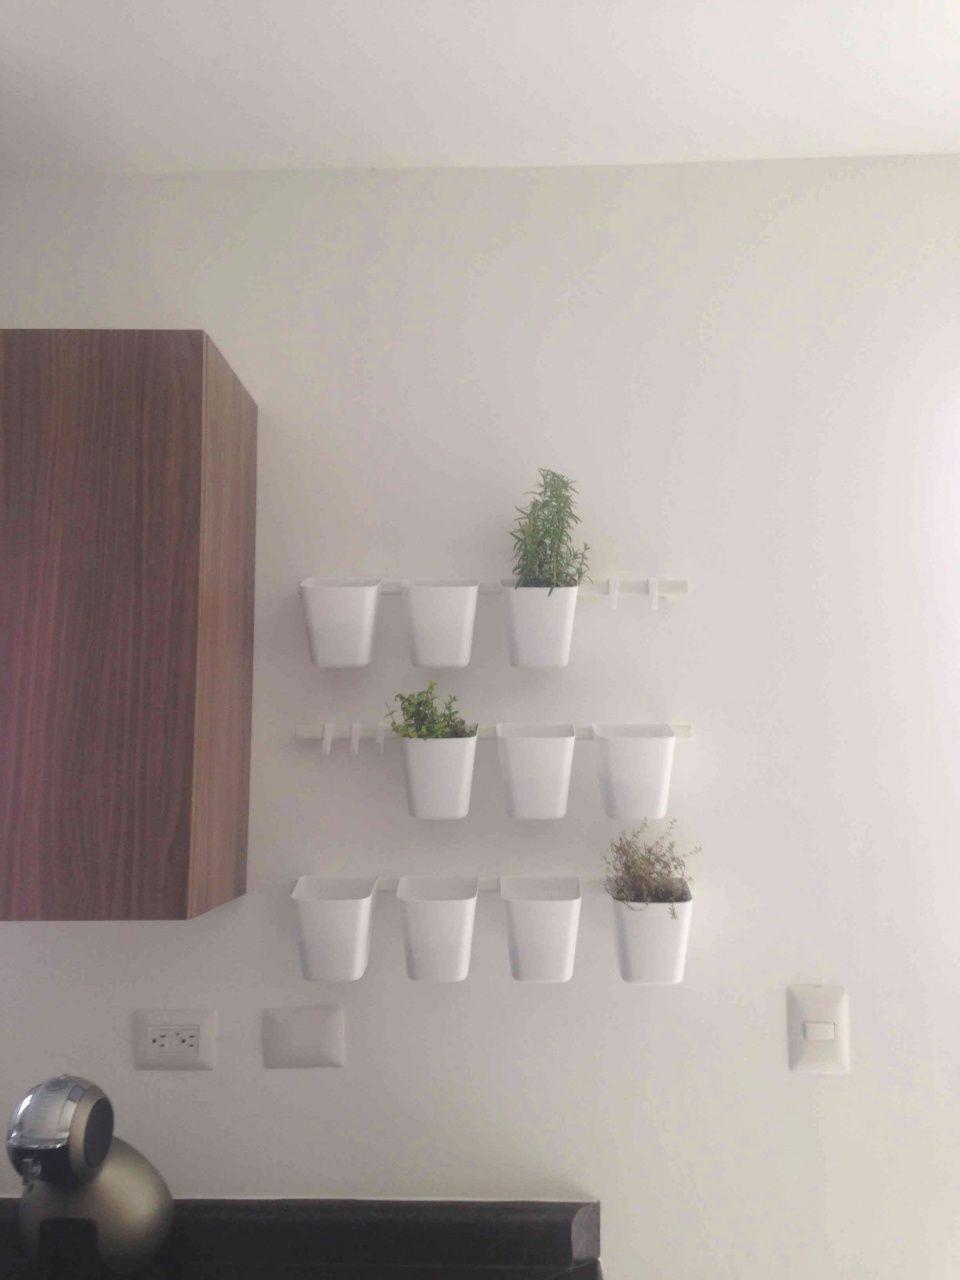 200 But Salon De Jardin | Badezimmer Aufbewahrung, Ikea-Hack ... avec Salon De Jardin But